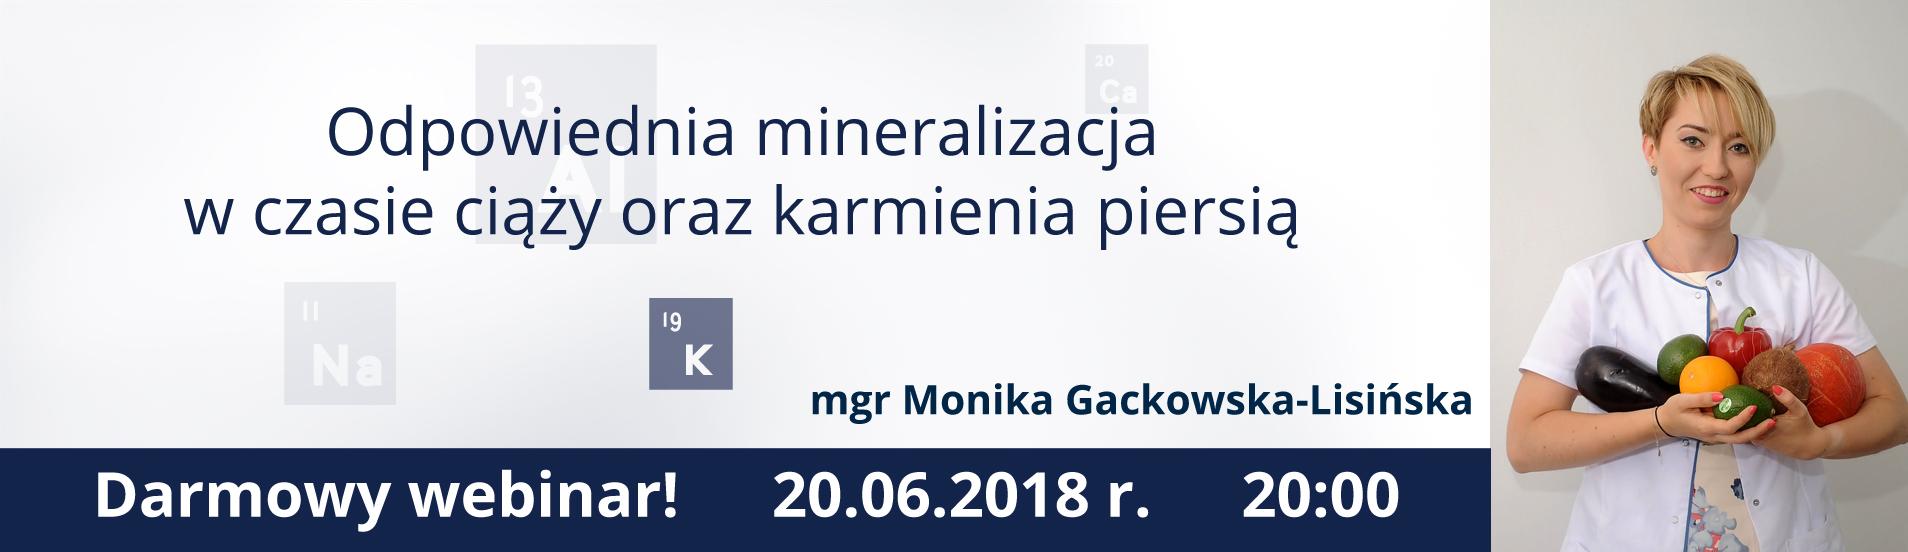 webinar 20.06.2018